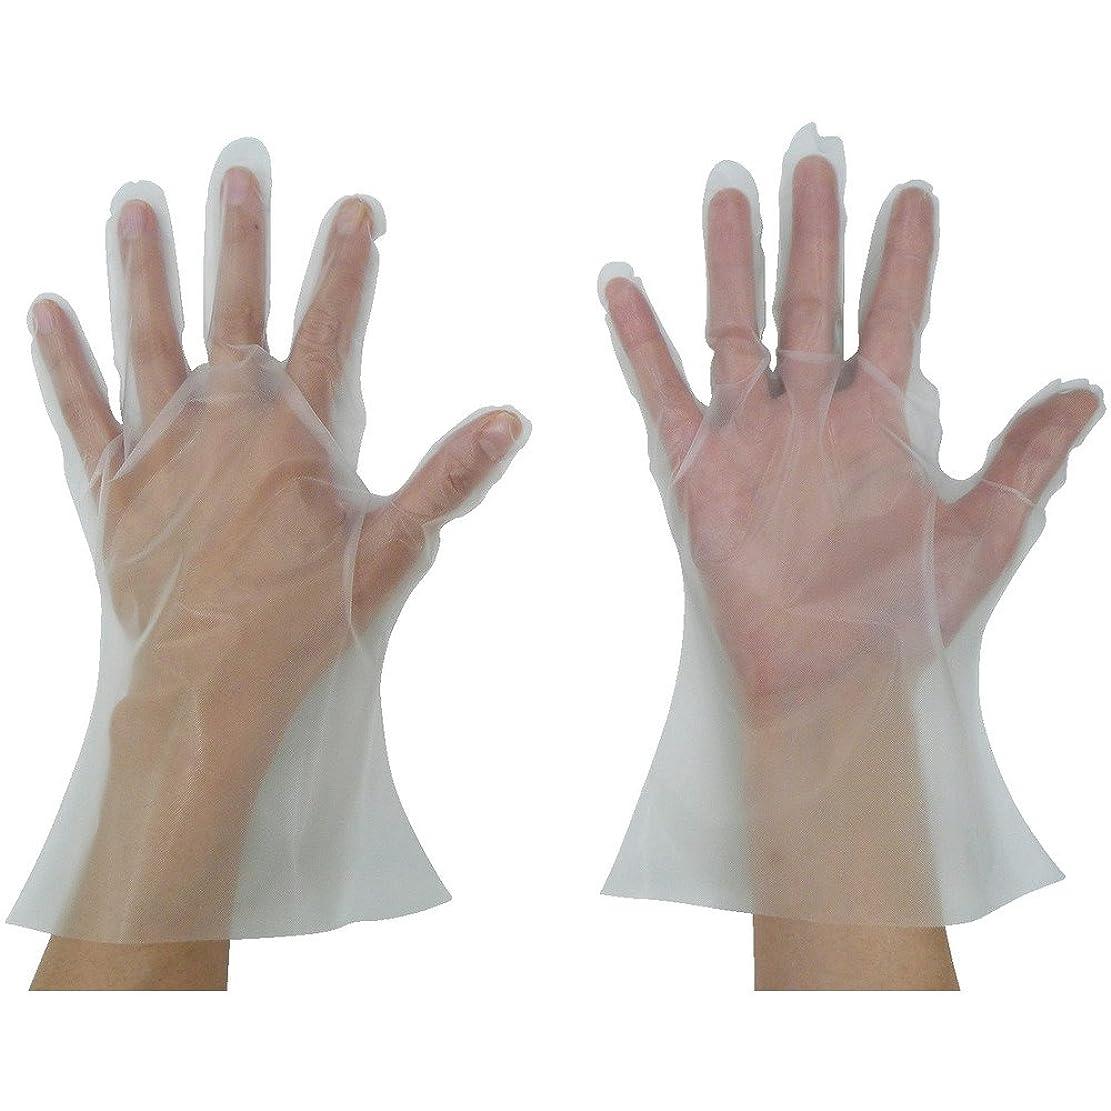 寄生虫小麦粉カバレッジ東京パック 緊急災害対策用手袋ニューマイジャスト簡易50L 半透明 KN-L ポリエチレン使い捨て手袋